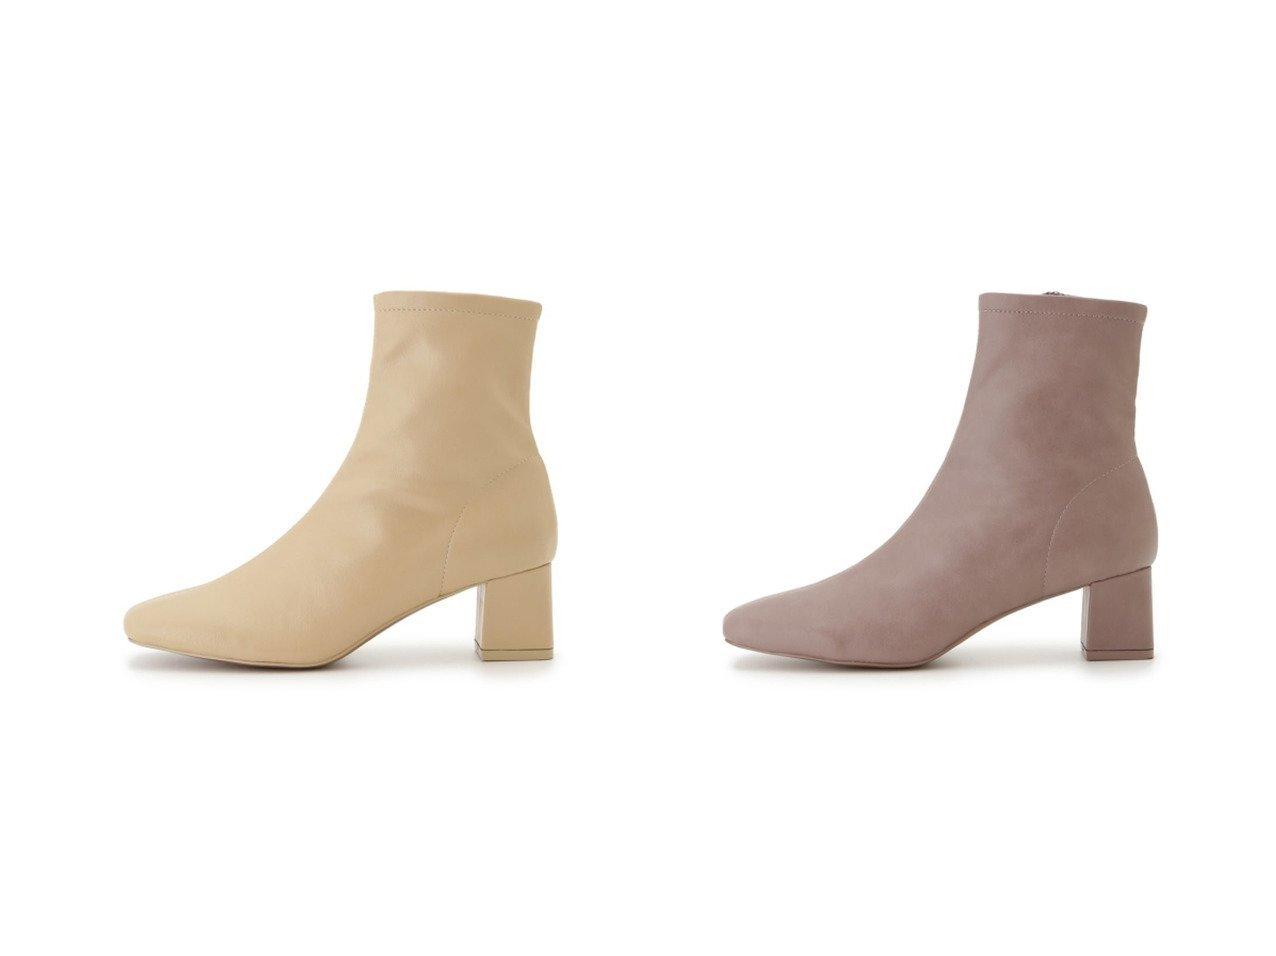 【SNIDEL/スナイデル】のソフトショートブーツ シューズ・靴のおすすめ!人気、トレンド・レディースファッションの通販  おすすめで人気の流行・トレンド、ファッションの通販商品 メンズファッション・キッズファッション・インテリア・家具・レディースファッション・服の通販 founy(ファニー) https://founy.com/ ファッション Fashion レディースファッション WOMEN イエロー ショート シンプル センター フィット |ID:crp329100000009864